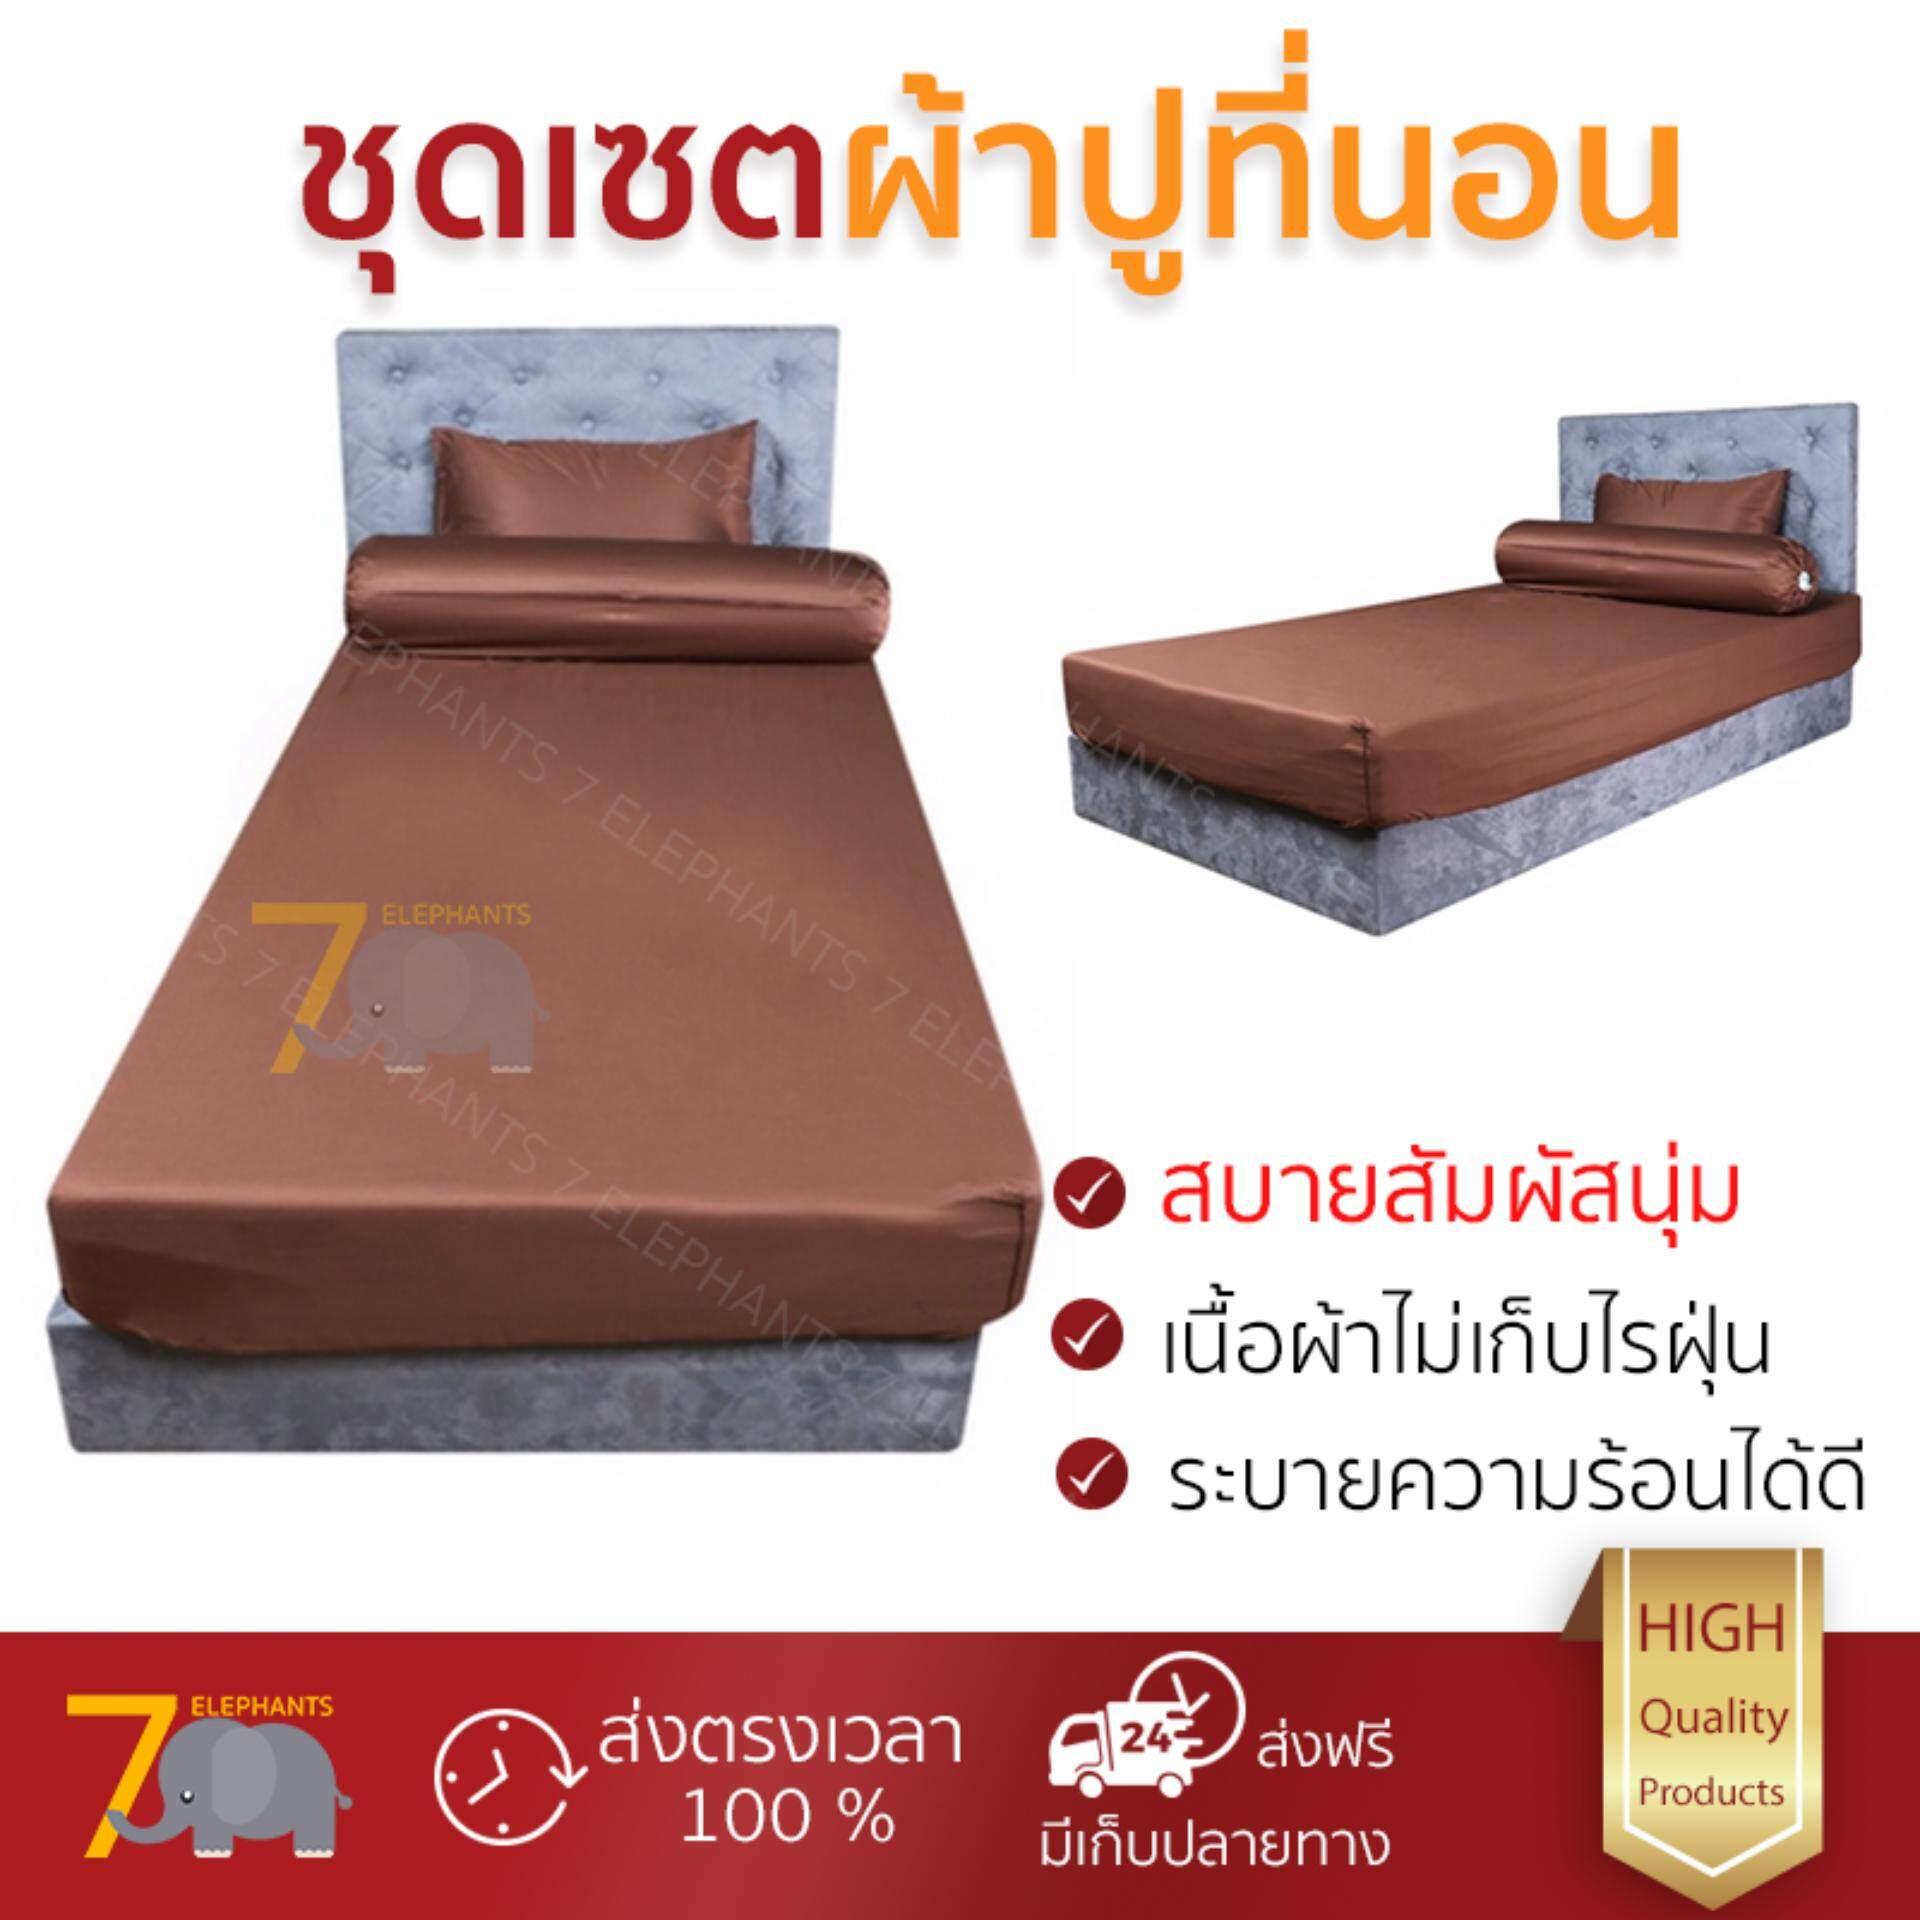 ผ้าปูที่นอน ผ้าปูที่นอนกันไรฝุ่น ผ้าปู T3 HOME LIVING STYLE 375TC SHIN น้ำตาลเข้ม | HOME LIVING STYLE | ผ้าปูT3HLS375TC SHIN สัมผัสนุ่ม นอนหลับสบาย เส้นใยทอพิเศษ ระบายความร้อนได้ดี กันเชื้อราและแบคที